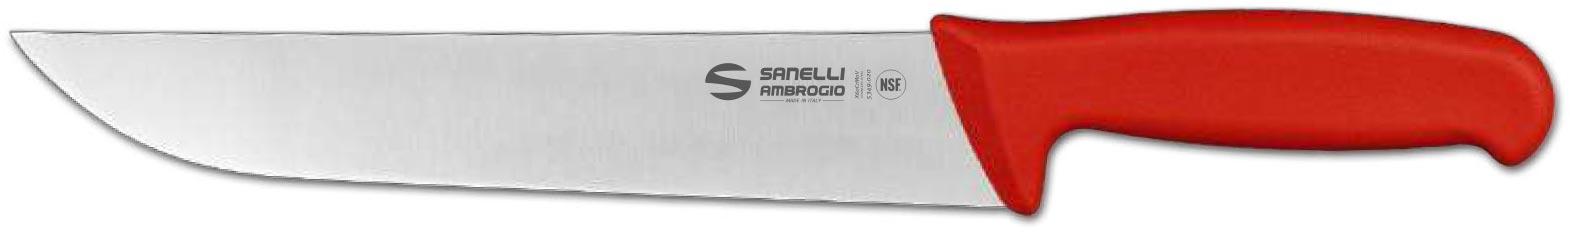 sanelli coltello modello supra lama cm 24